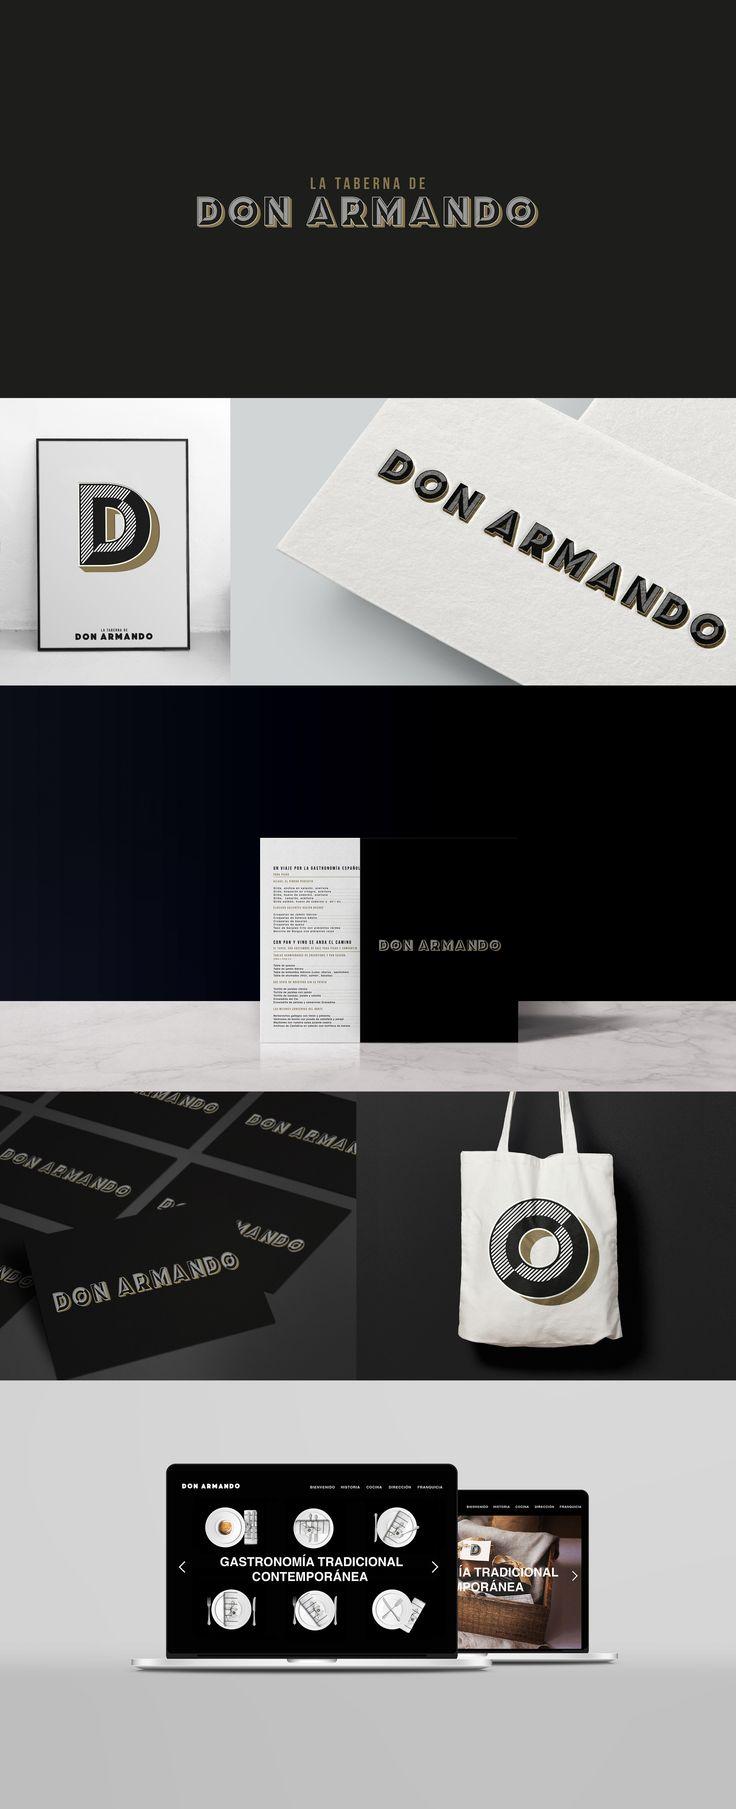 Identidad Corporativa para Don Armando, nuevo restaurante en Madrid.  Logotipo, papelería, fachada, carta, uniforme y web. ----  Corporate Identity for DON ARMANDO a new restaurant in Madrid.  #Businesscard #design #corporateidentity #branding #identidadcorporativa #logo #artdirection #madrid #bilbao